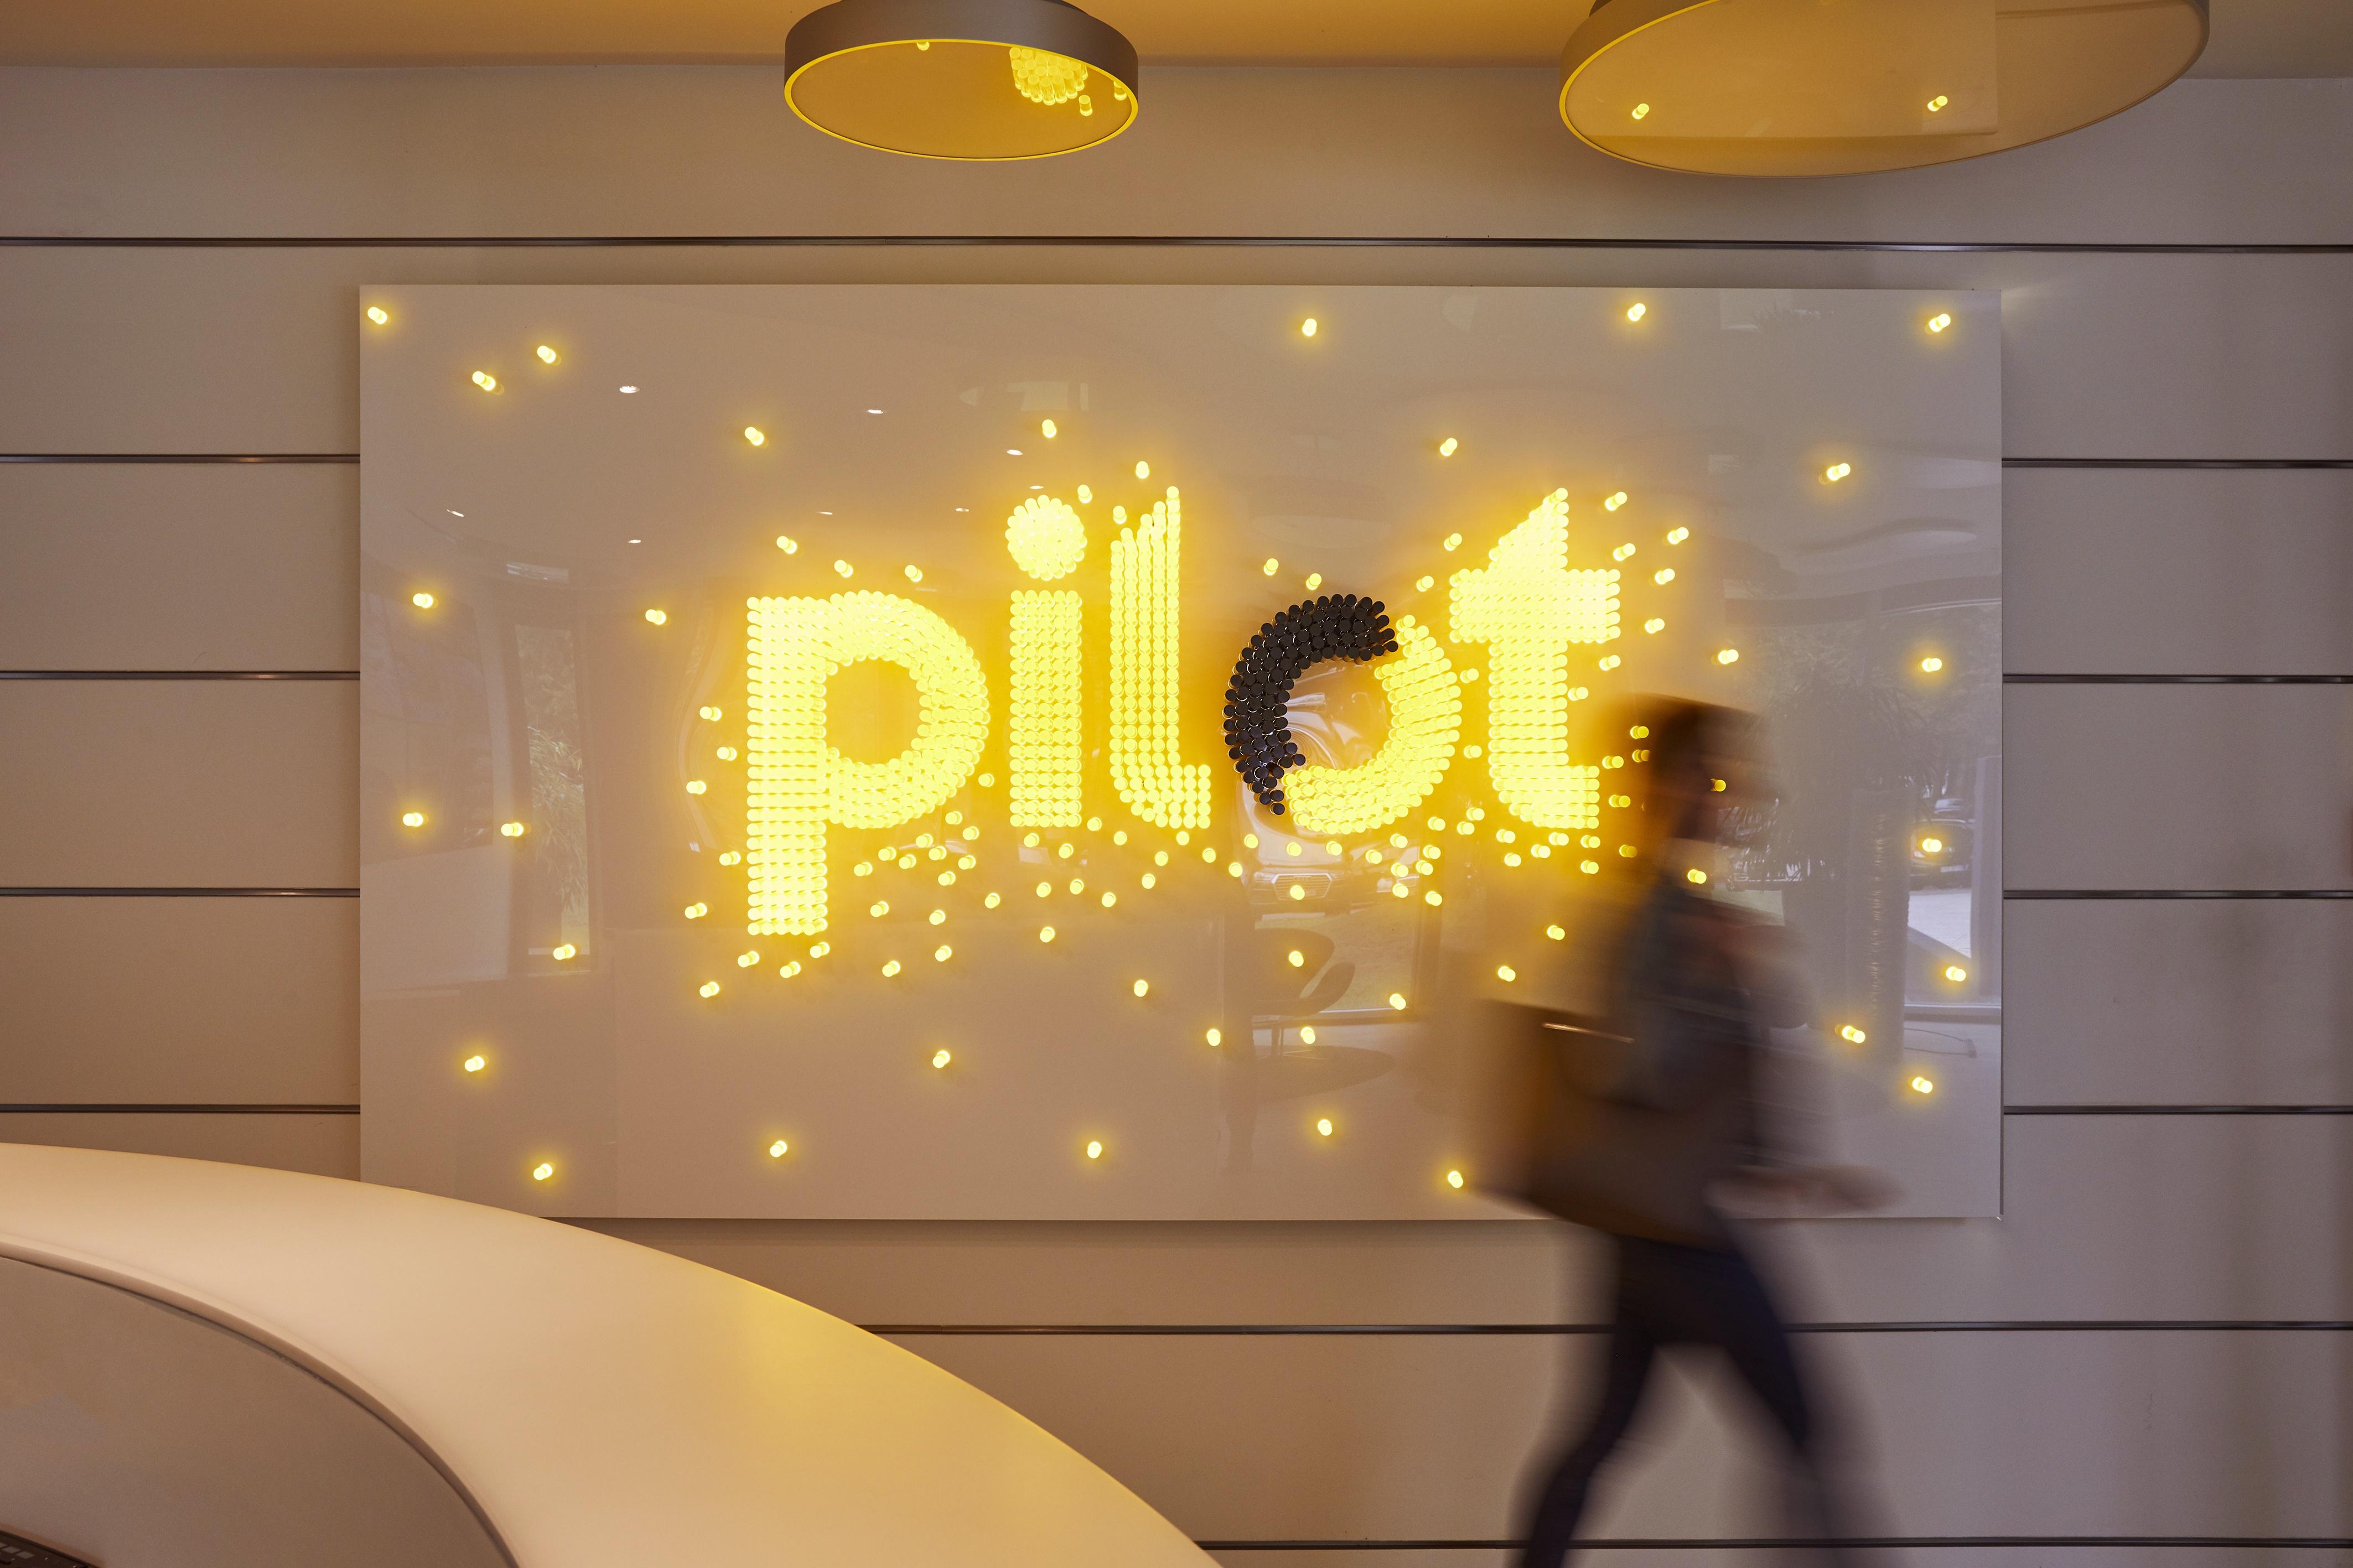 Daten-Piloten-Beratung Dating-Flecken singapore